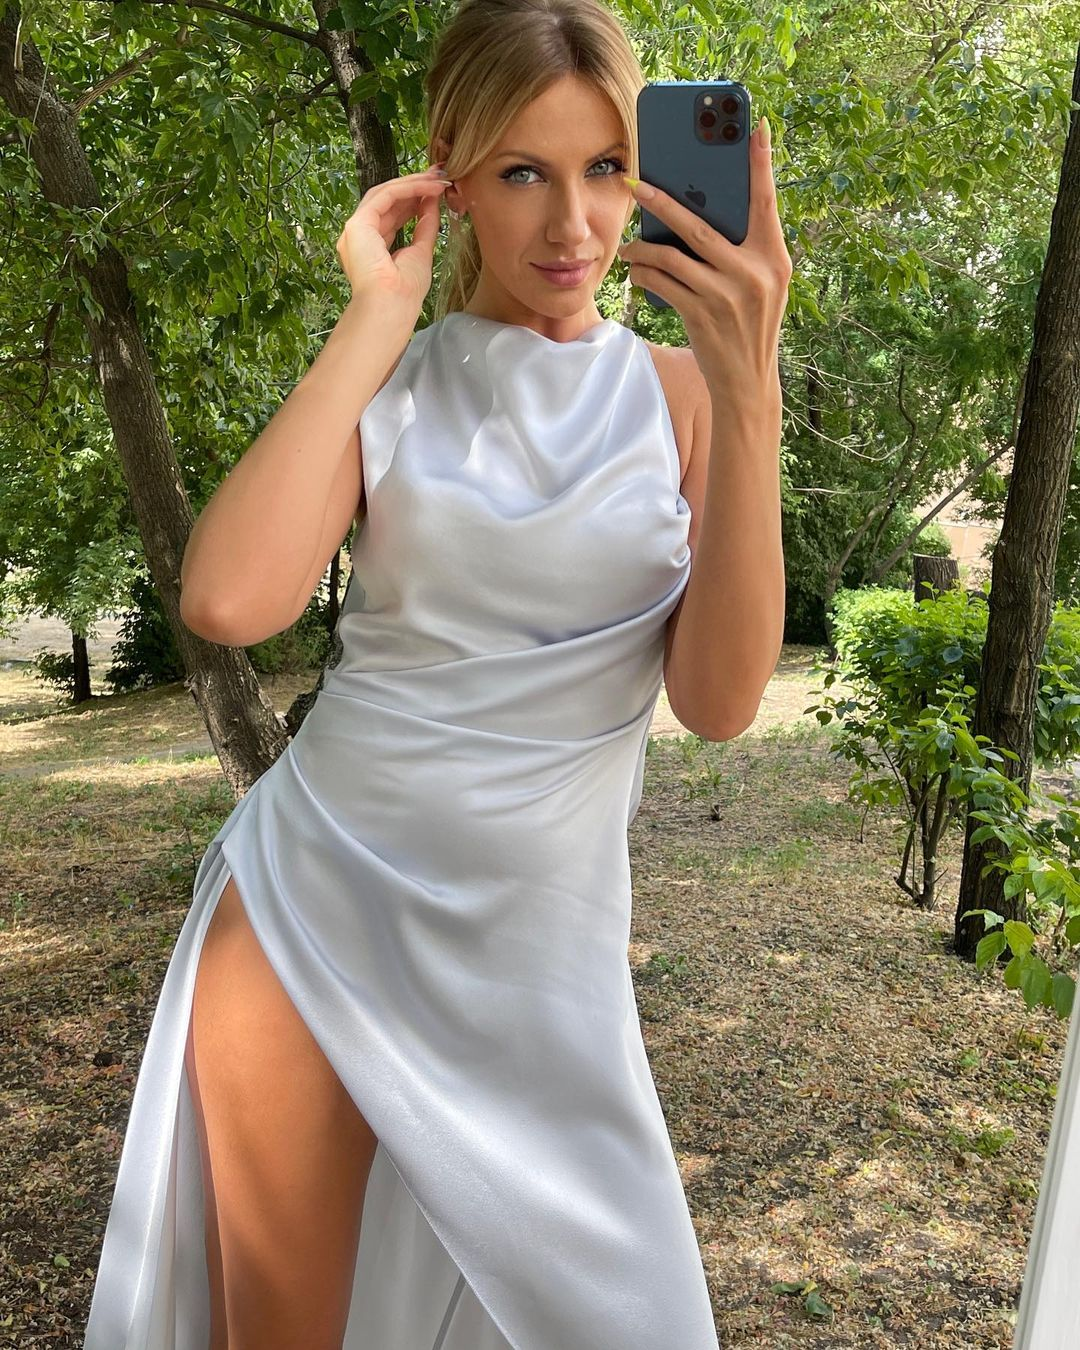 Коли весілля? Нікітюк отримала несподівану пропозицію від Холостяка Заливако